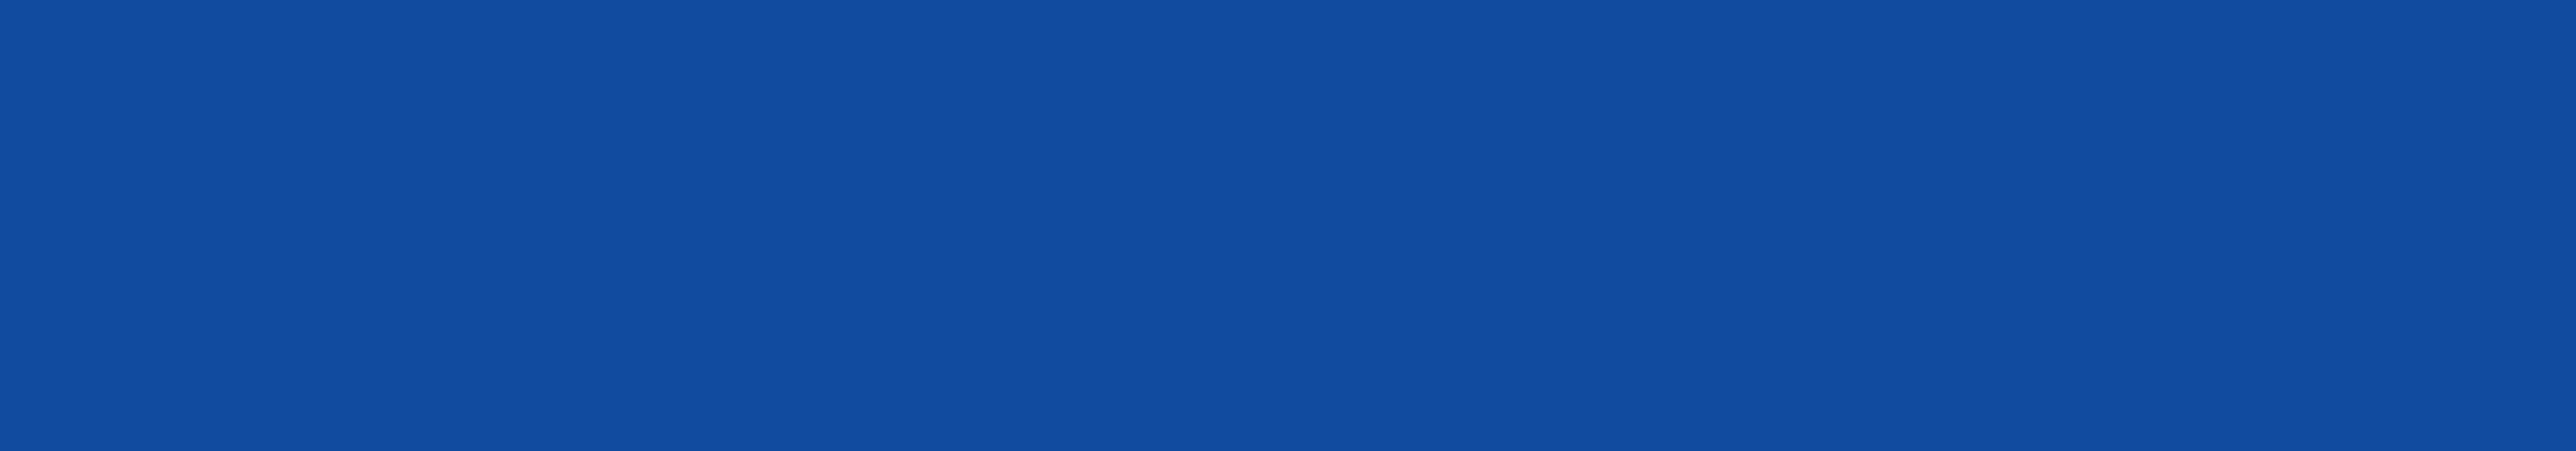 ECPI University Logo BLUE